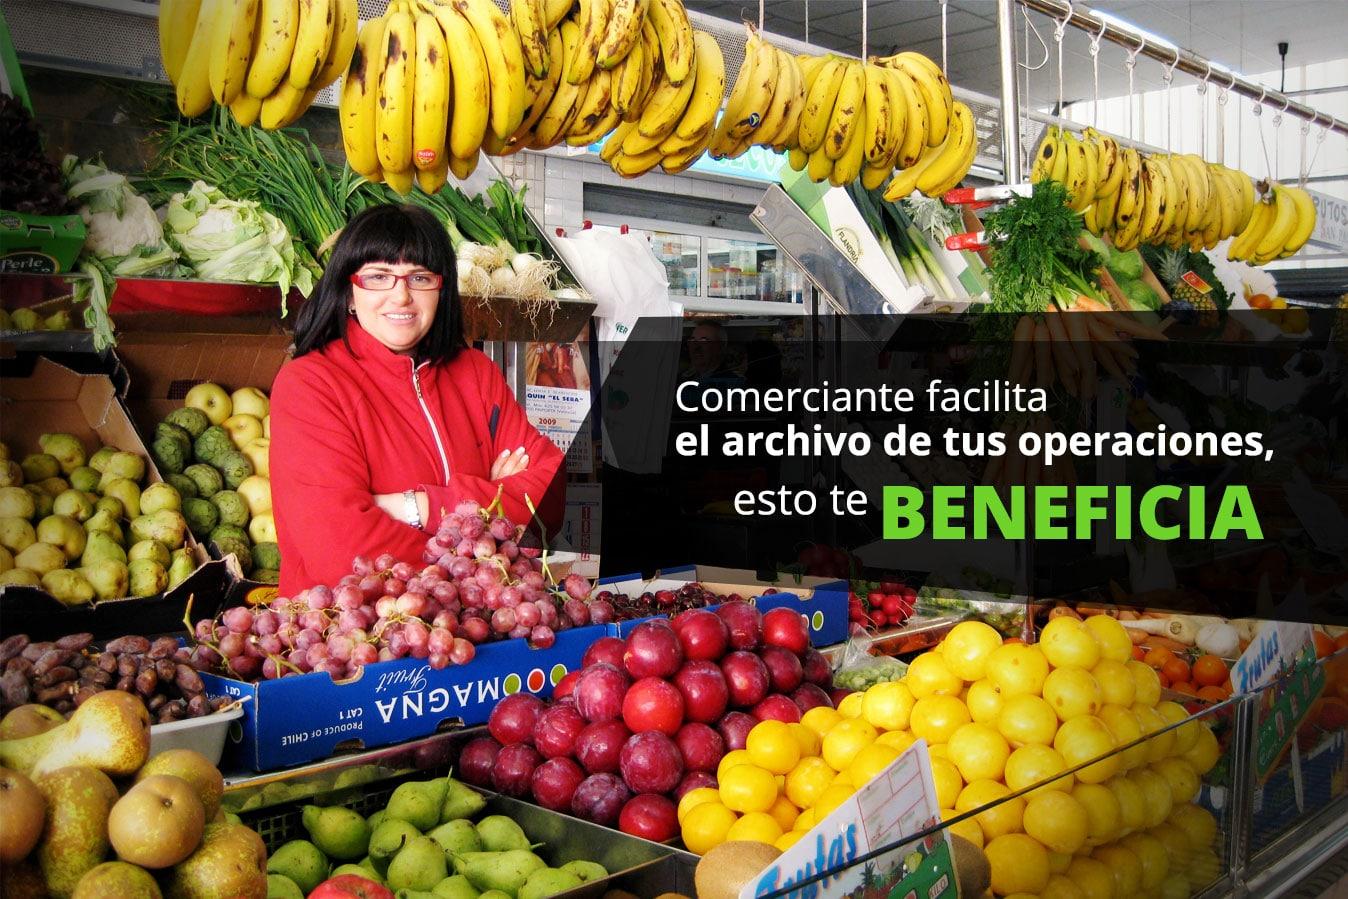 """Las reformas legales realizadas, también han beneficiado a muchos sectores de la población, entre ellos y el señalado a """"Los Comerciantes"""", con la reforma al Código de Comercio"""